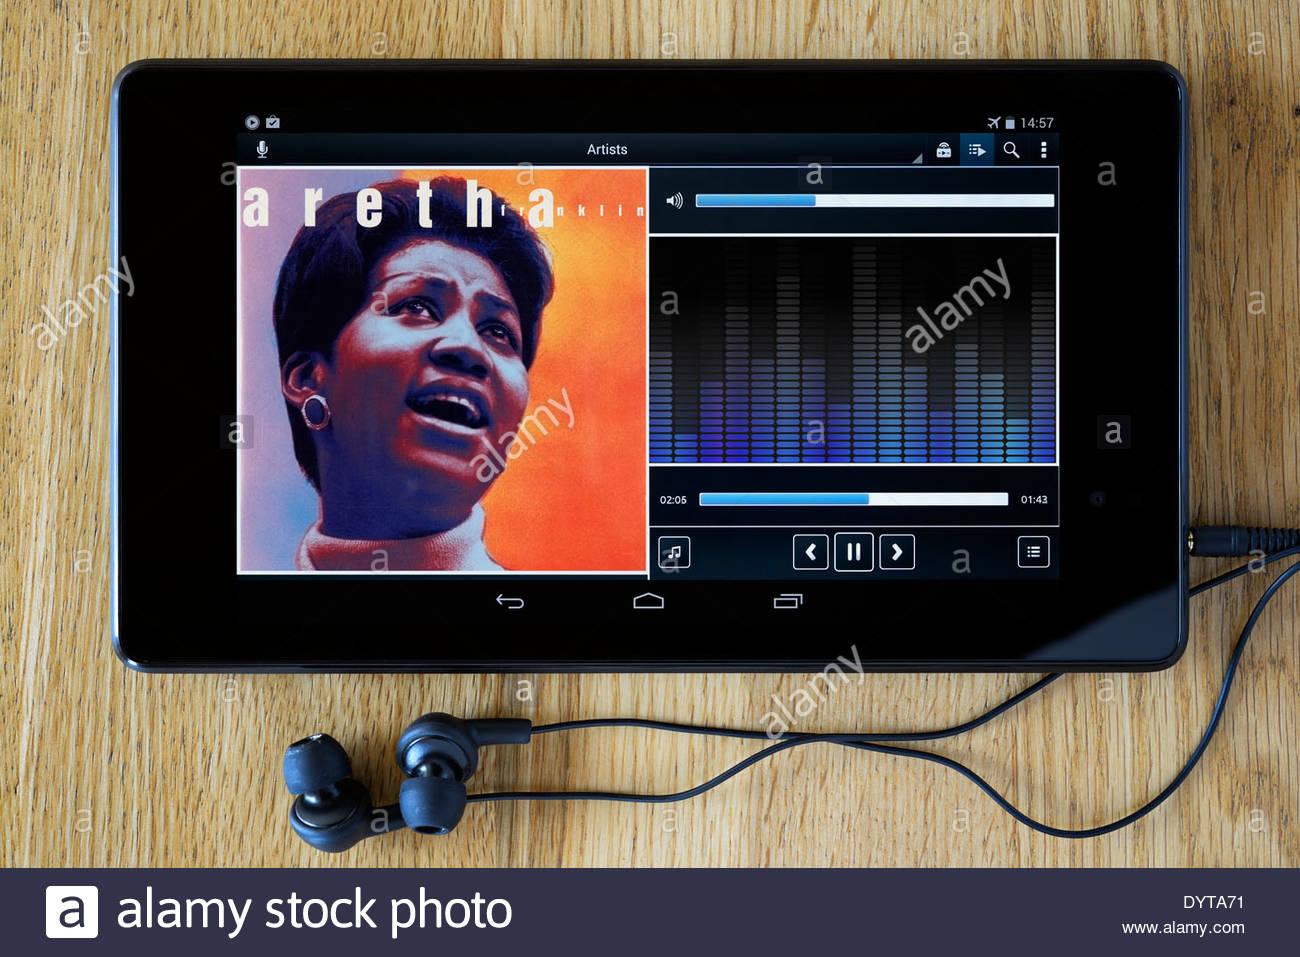 Aretha Franklin MP3 d'album sur Tablet PC, Angleterre Banque D'Images